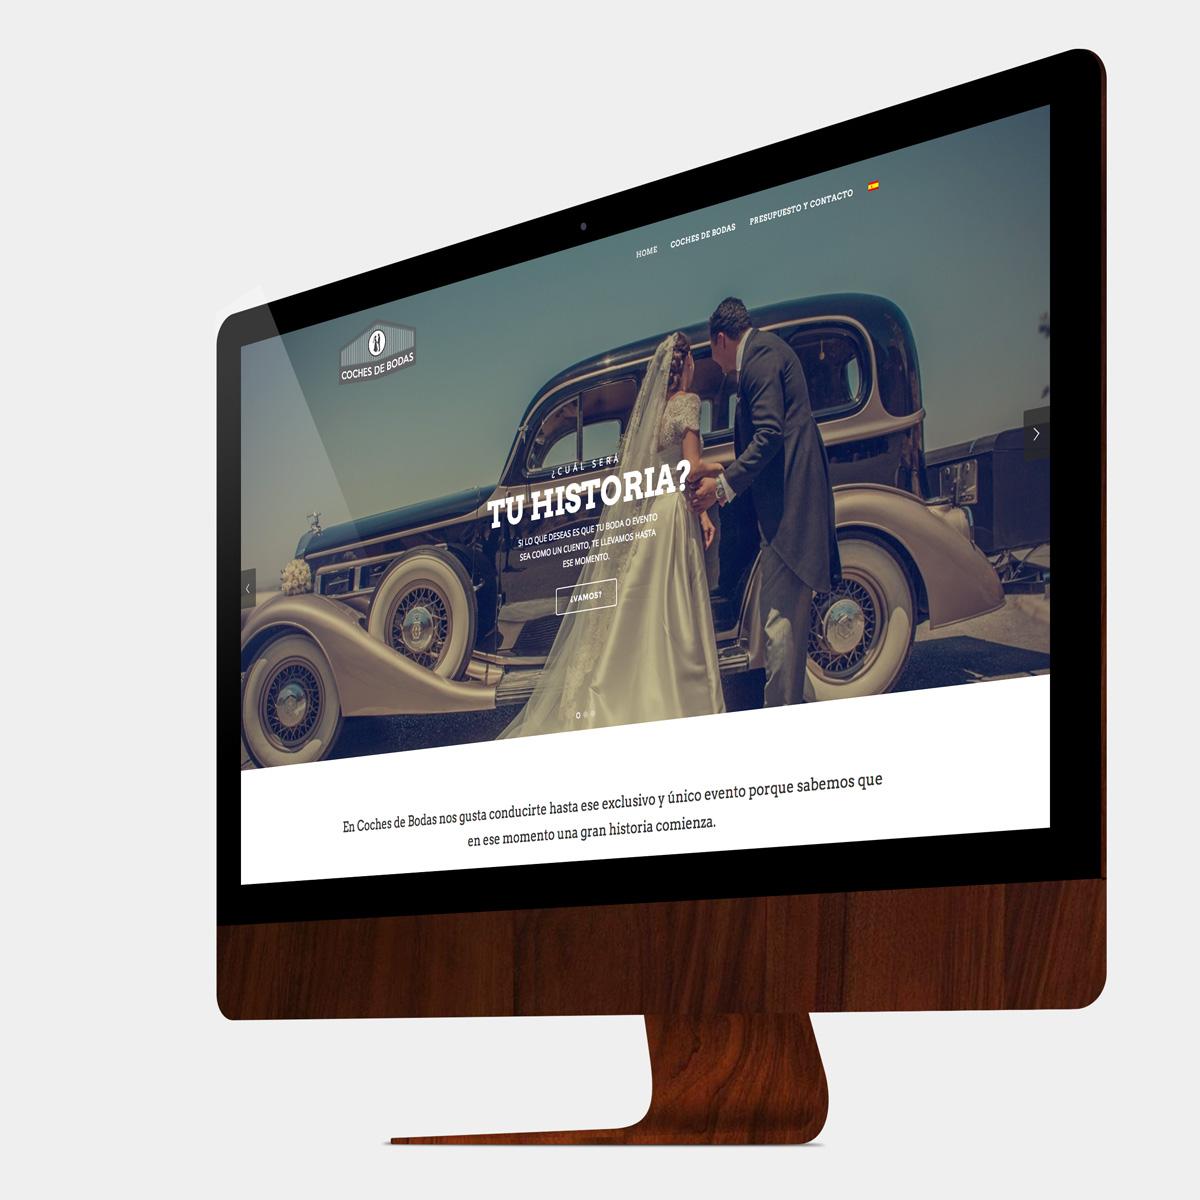 coches-de-bodas-7pix-001